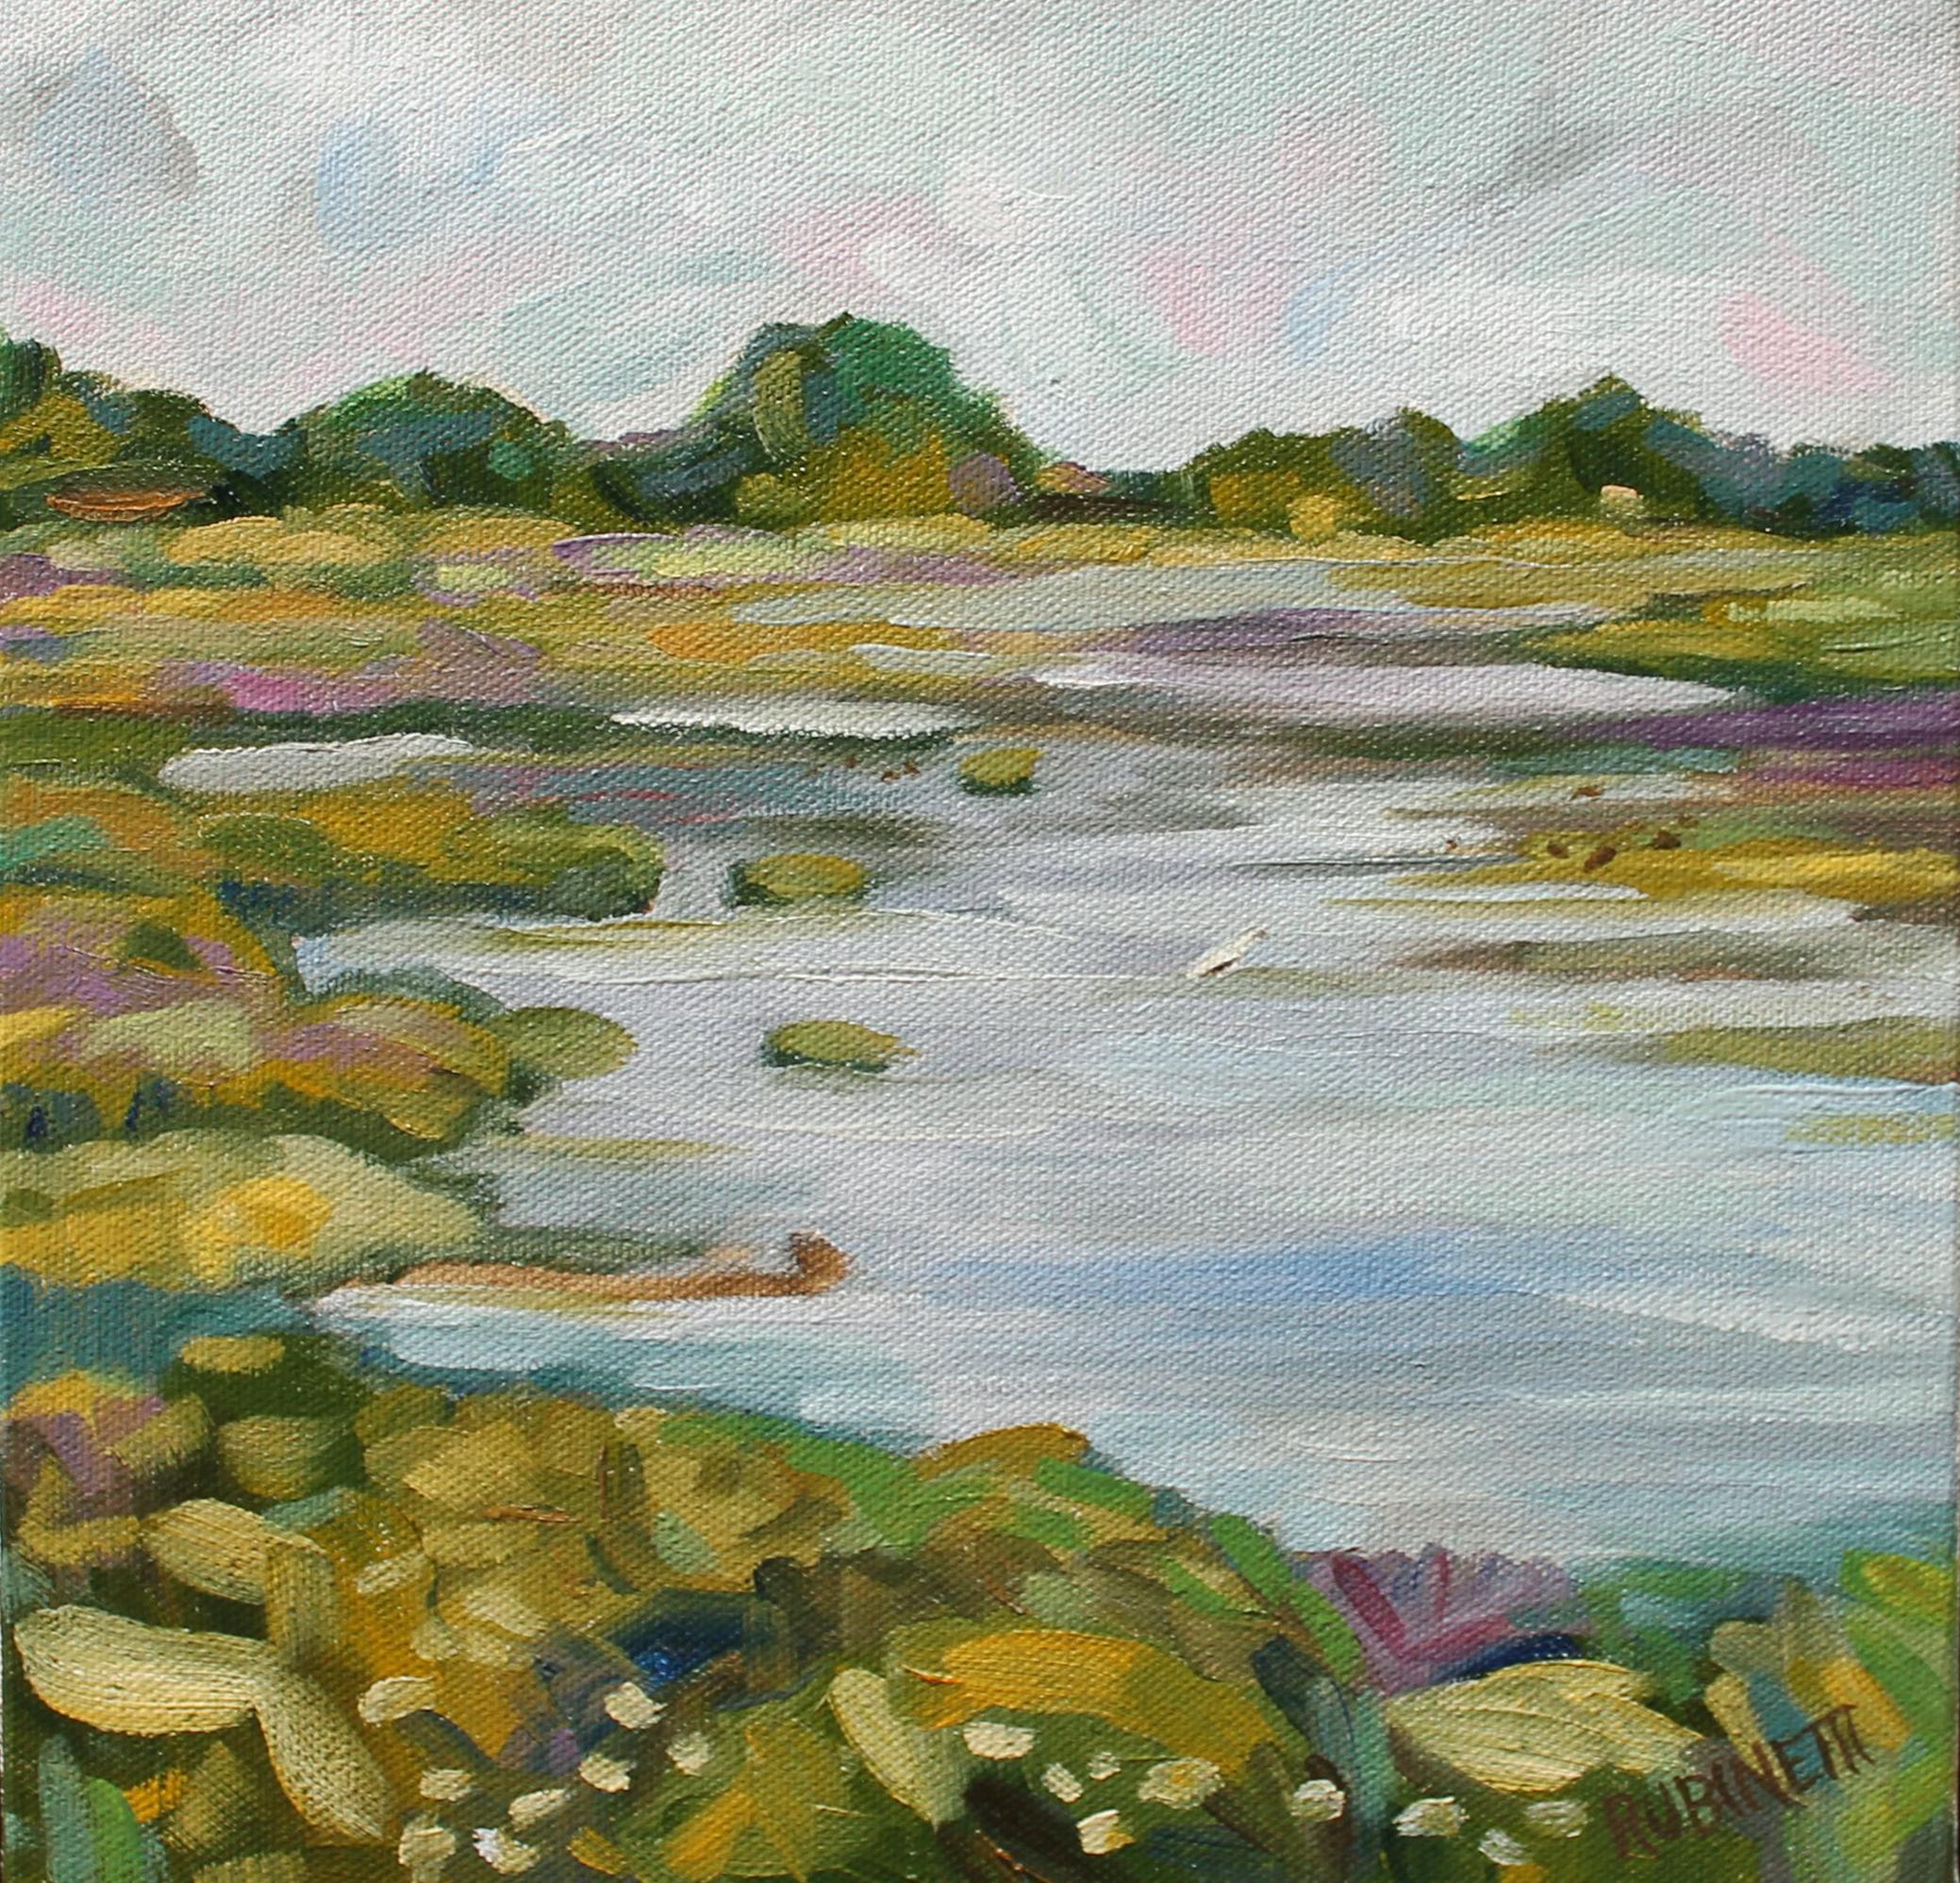 Cape May Marsh